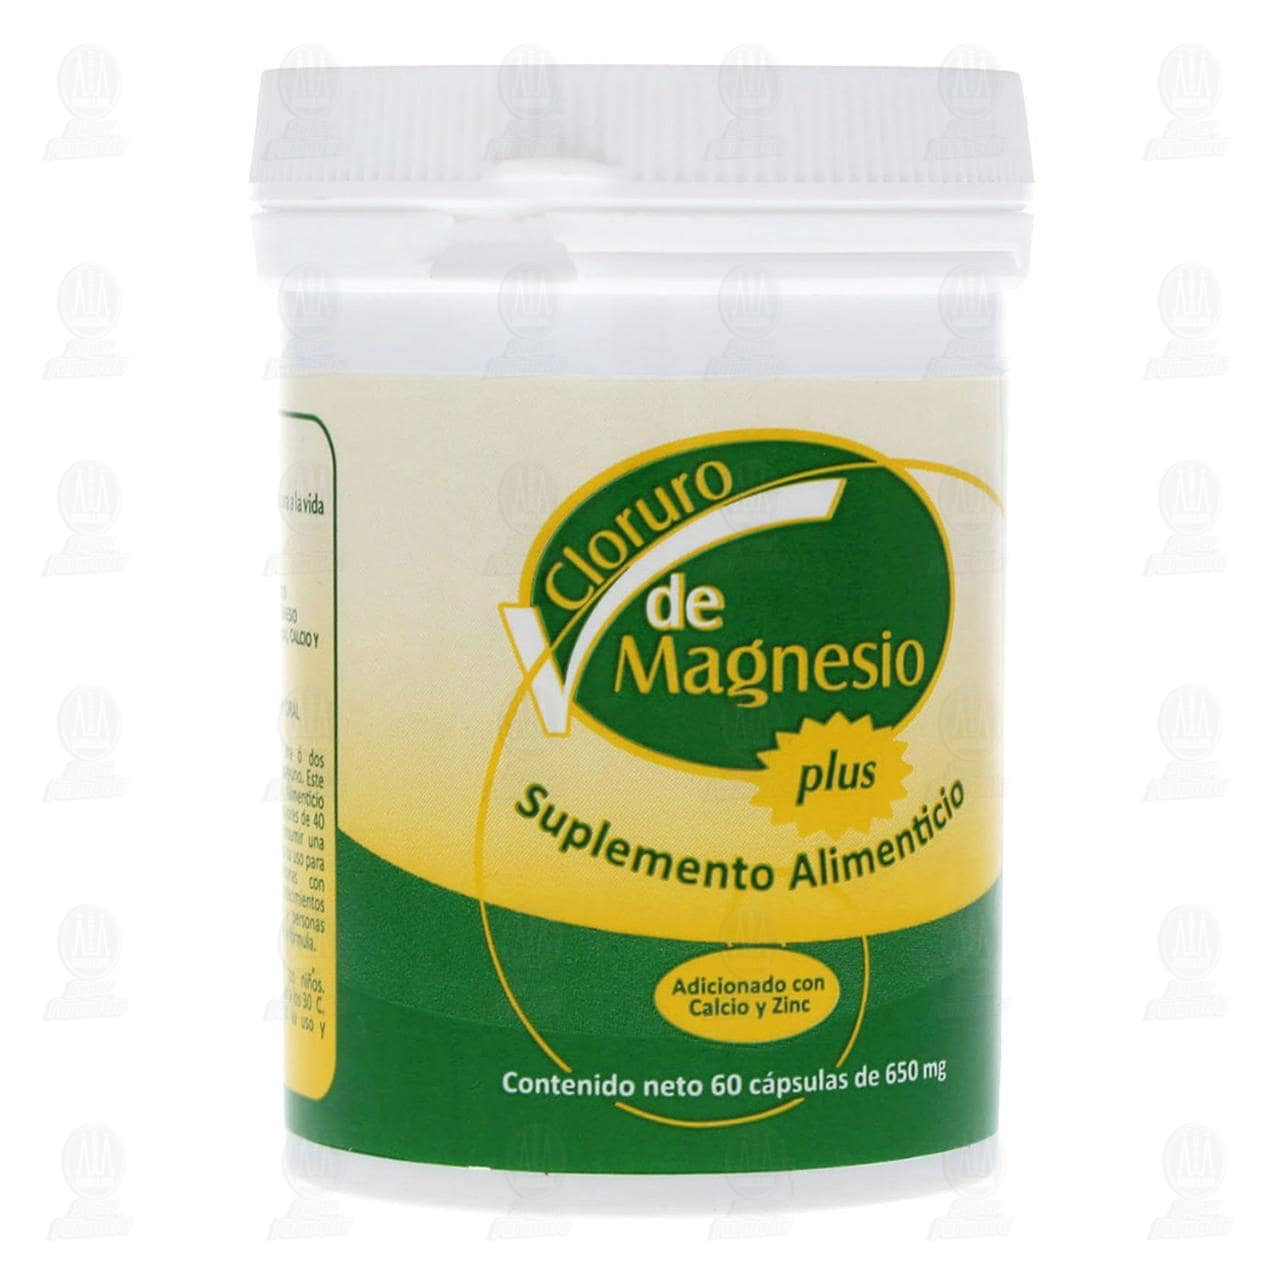 Comprar Cloruro de Magnesio Plus 650mg 60 Cápsulas en Farmacias Guadalajara